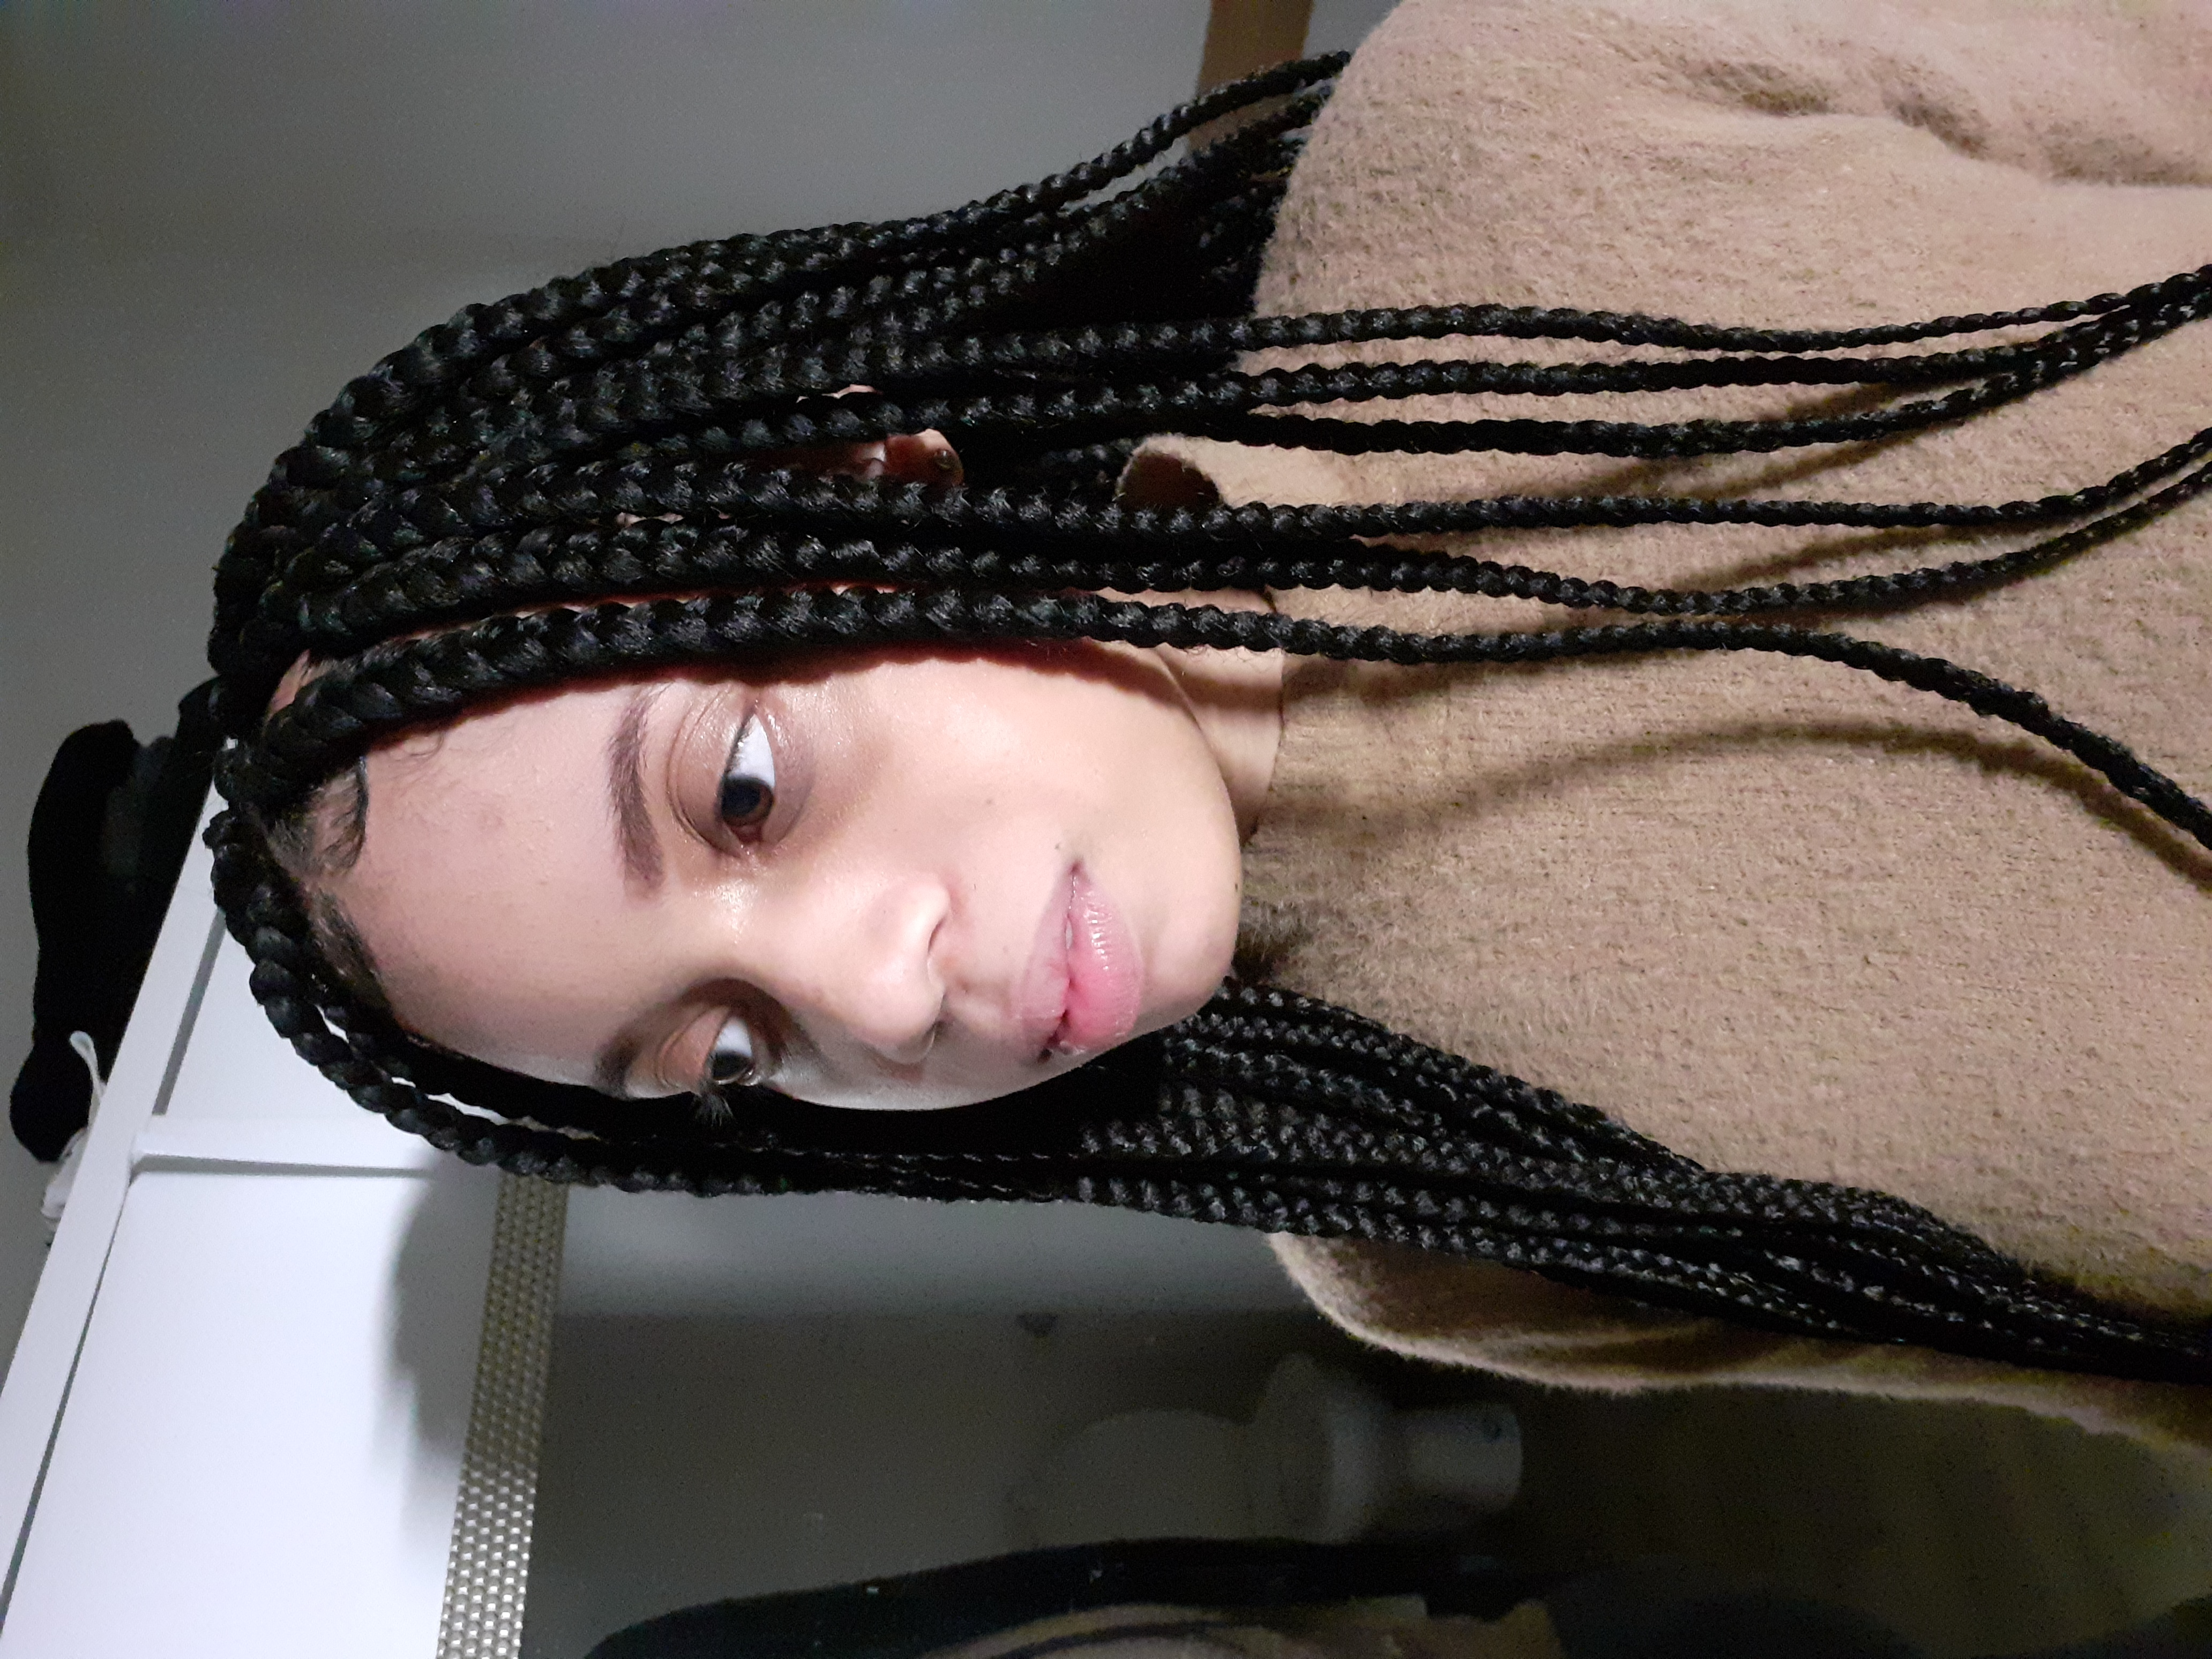 salon de coiffure afro tresse tresses box braids crochet braids vanilles tissages paris 75 77 78 91 92 93 94 95 HHOJAPZP